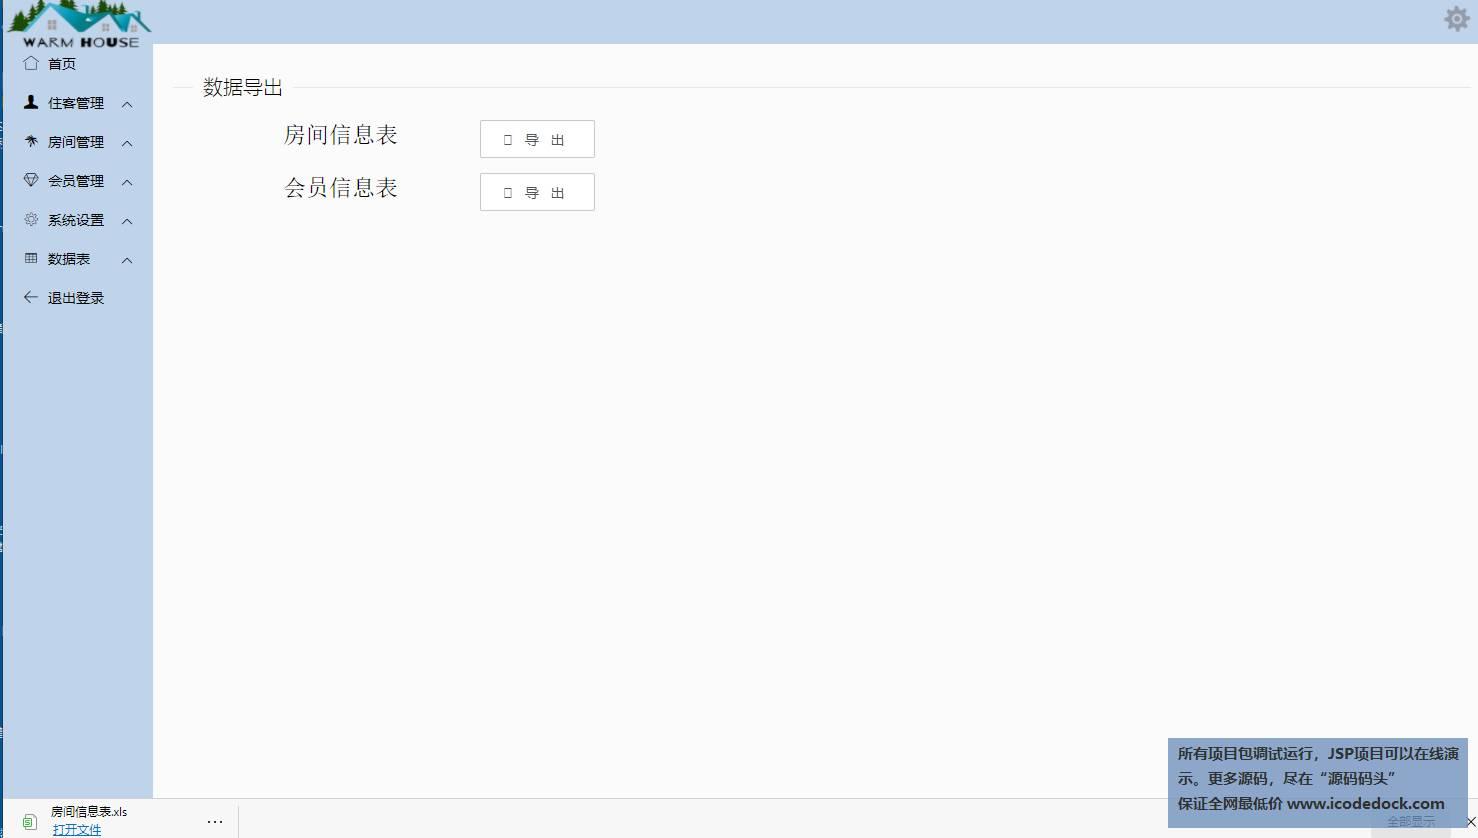 源码码头-SSM高档酒店内部事务管理系统-管理员角色-导出数据